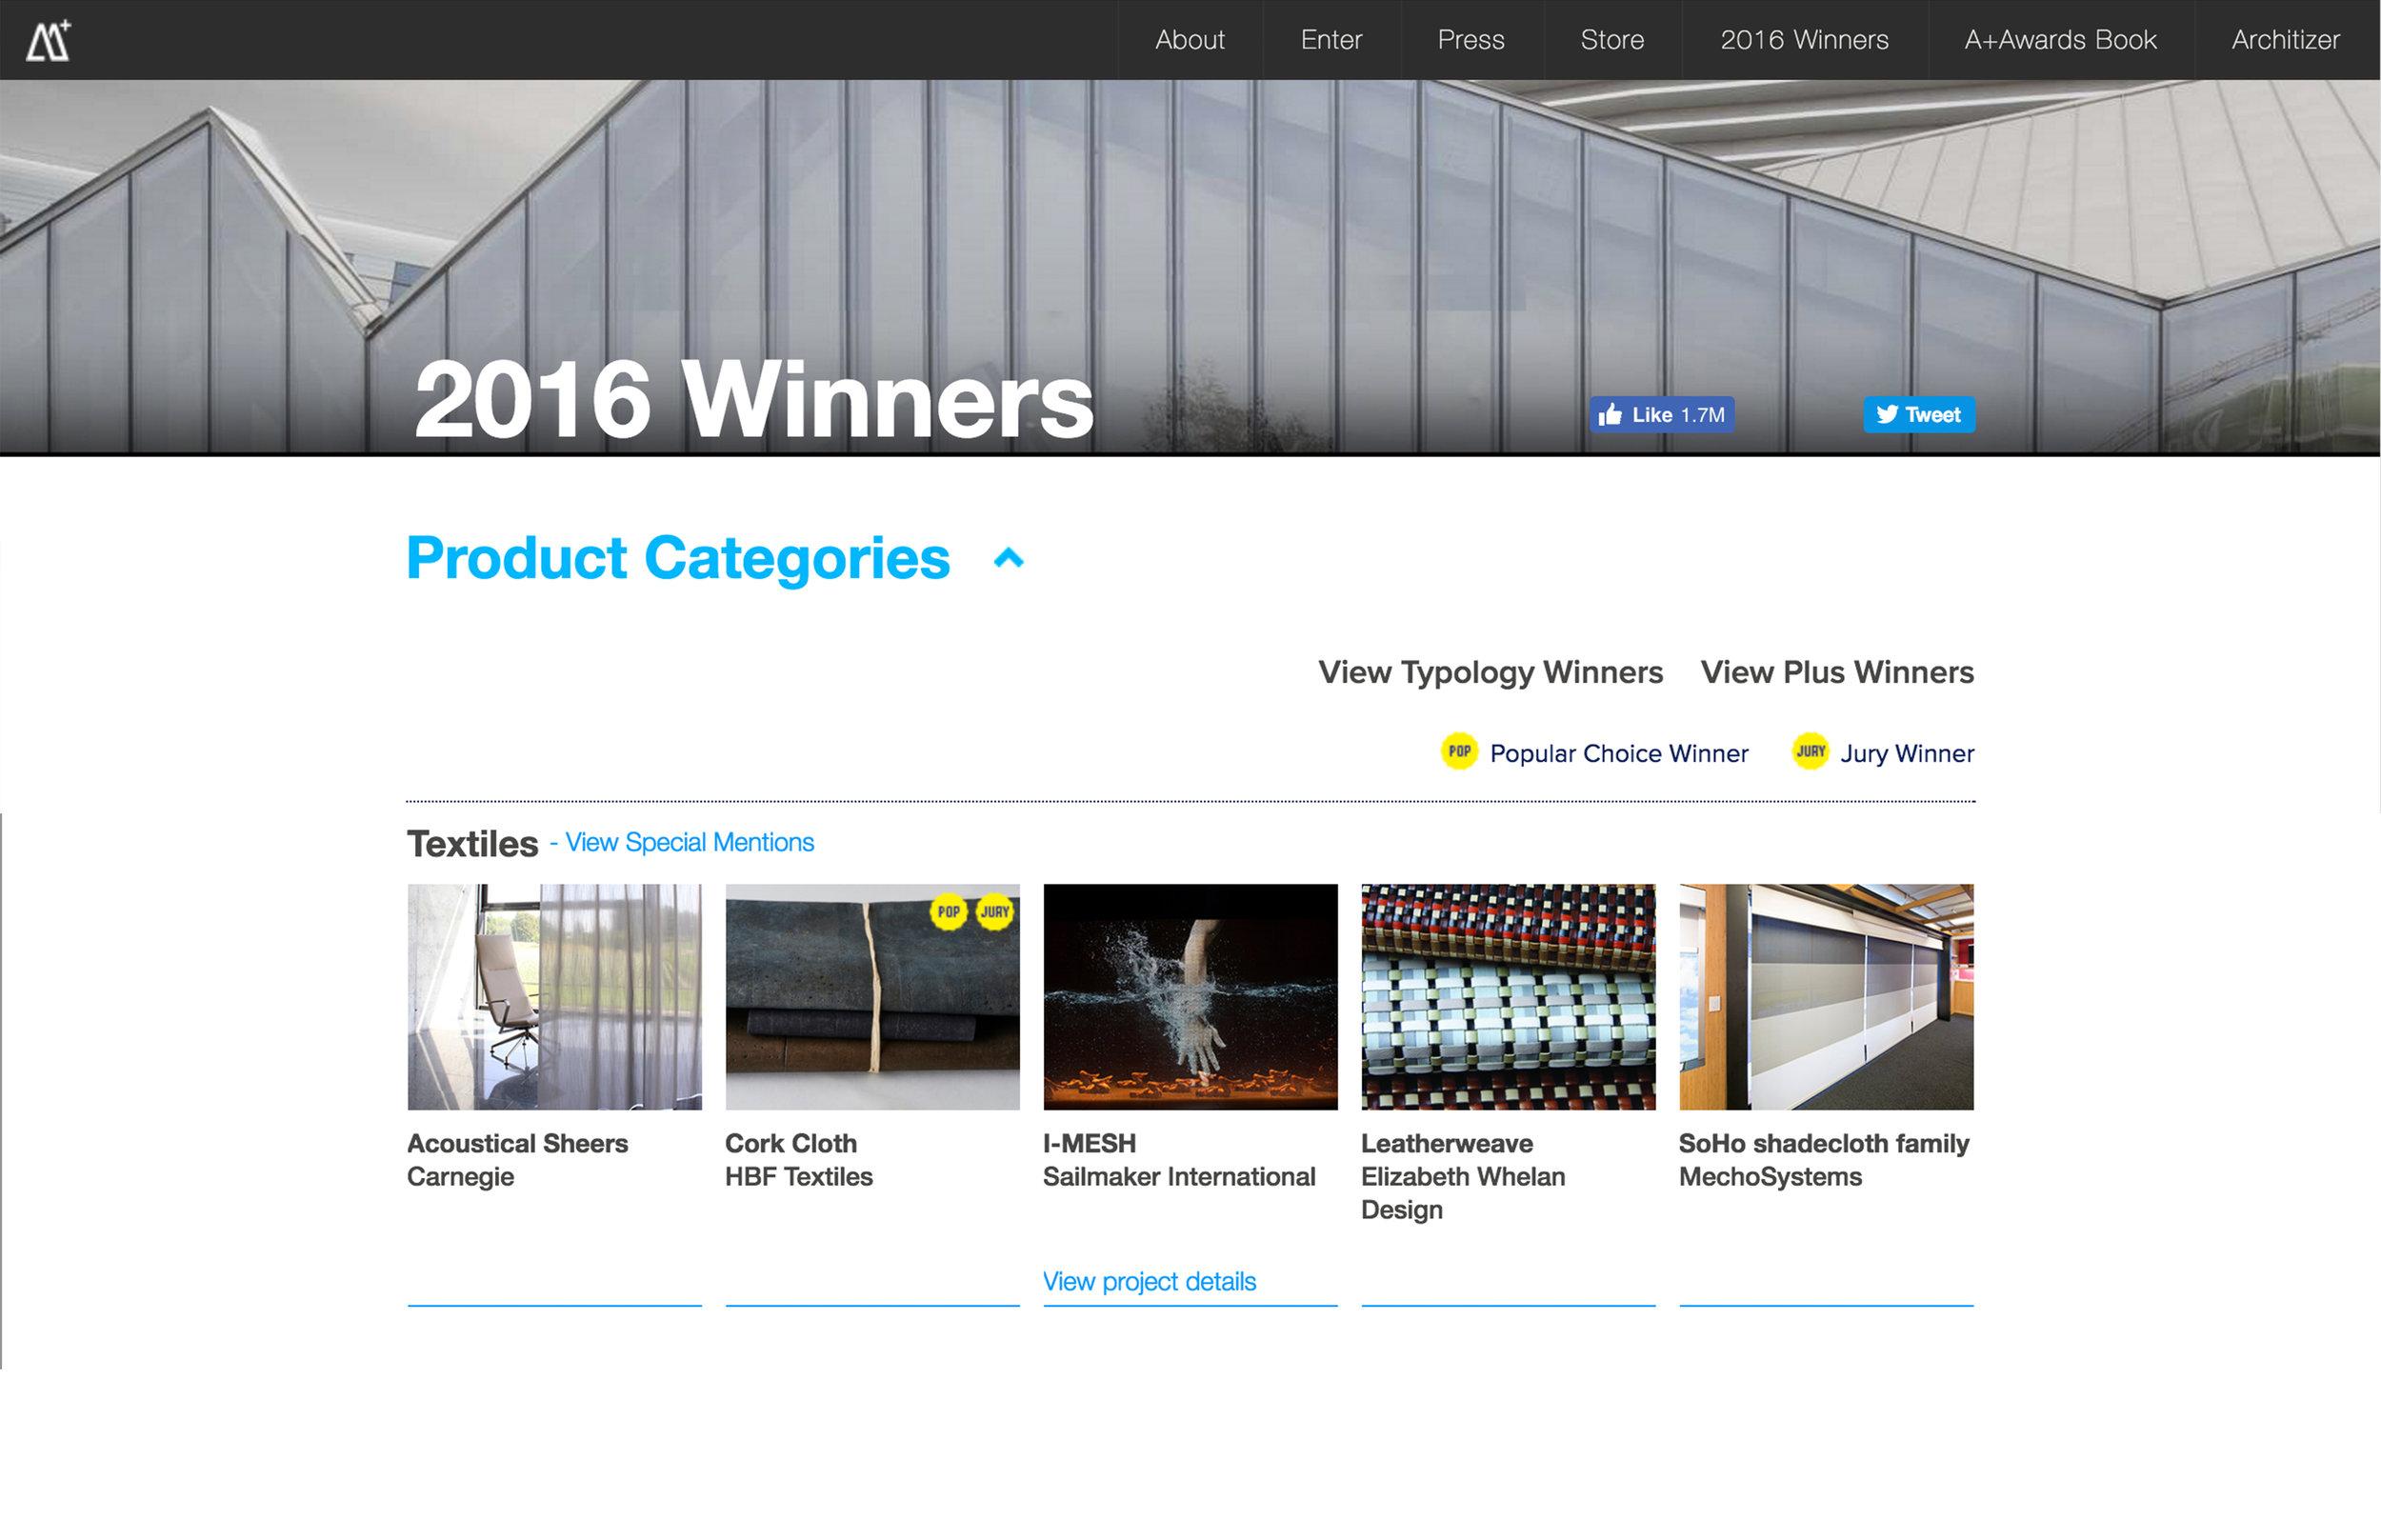 ArchitzerA+_Winners Page.jpg